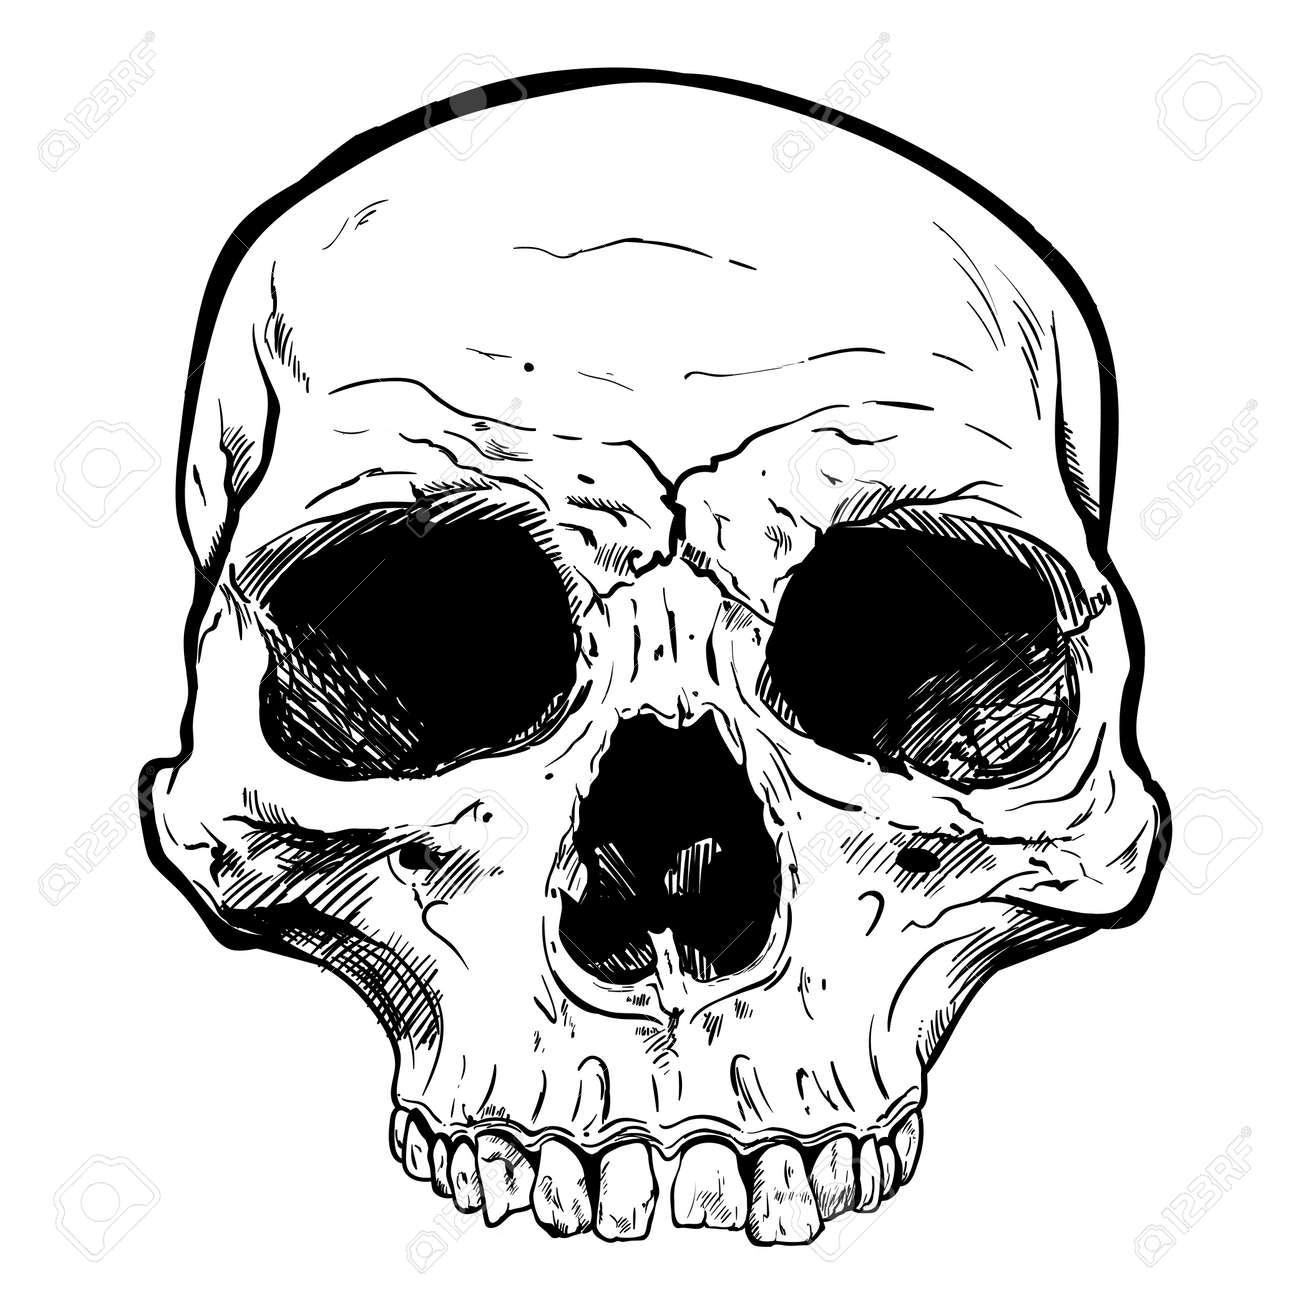 Human Skull Vector Art. Detailed hand drawn illustration of skull..